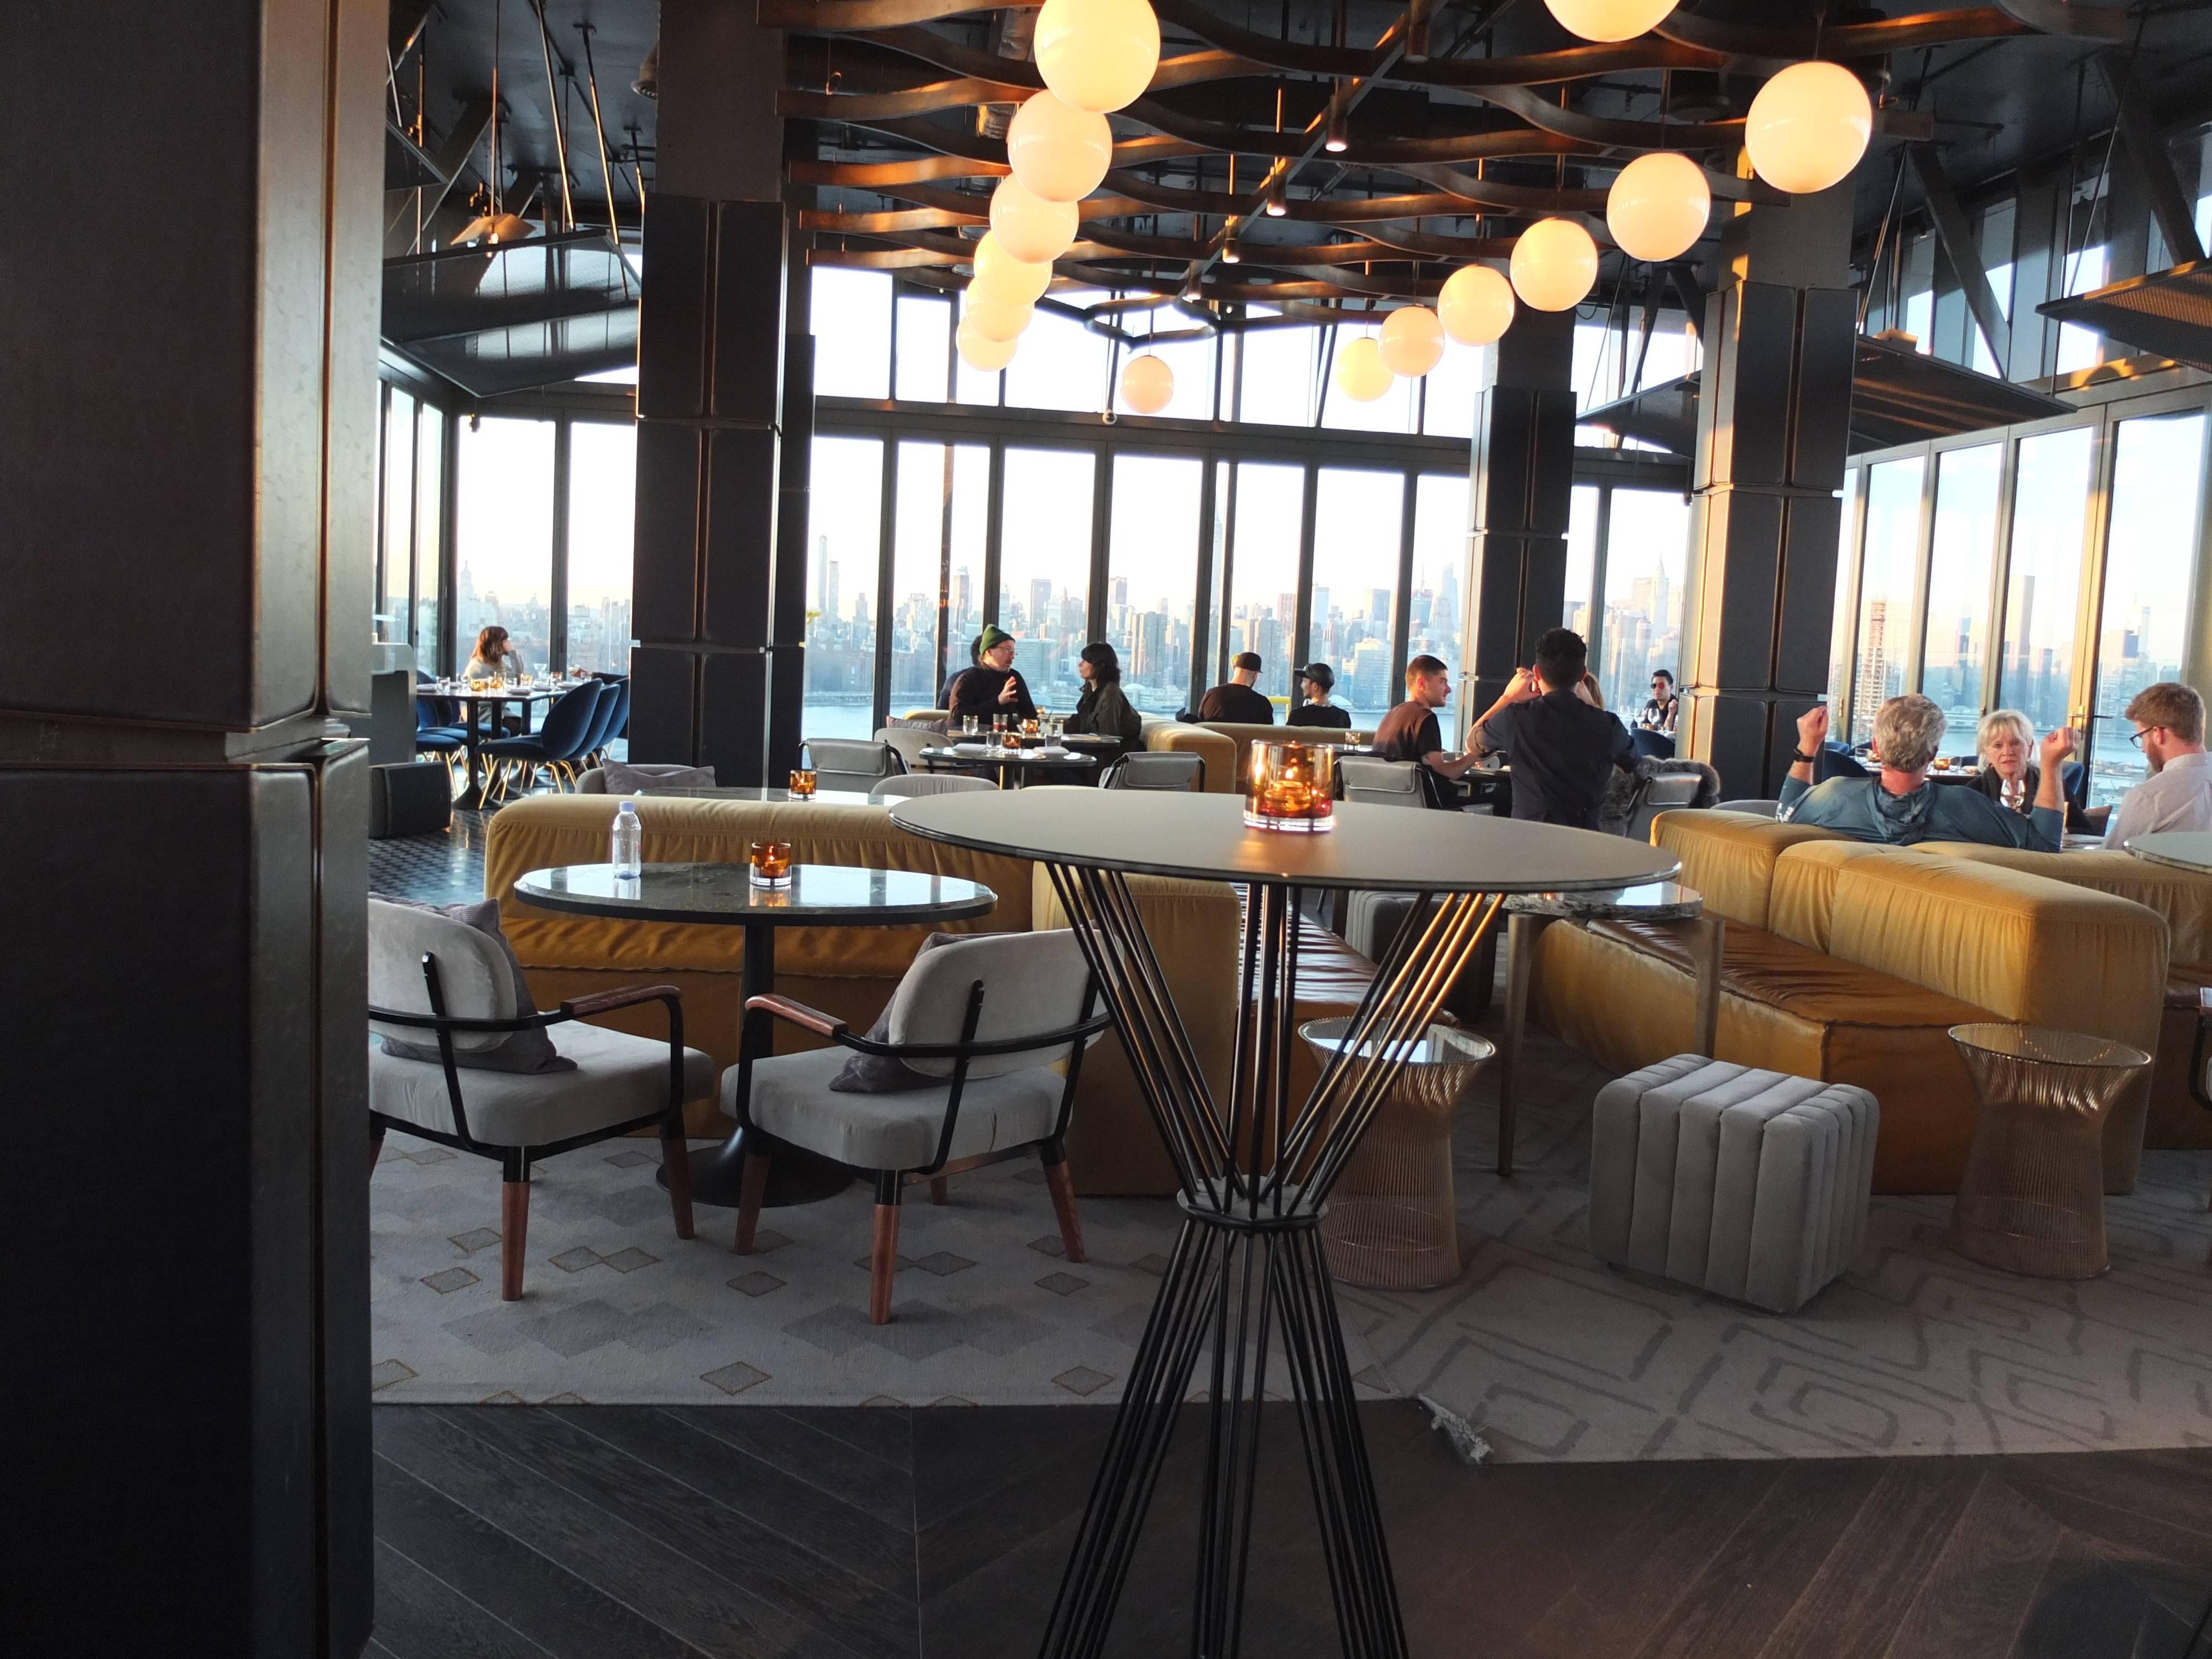 Photo 3: Le rooftop Westlight, la plus belle vue de Manhattan depuis Brooklyn !